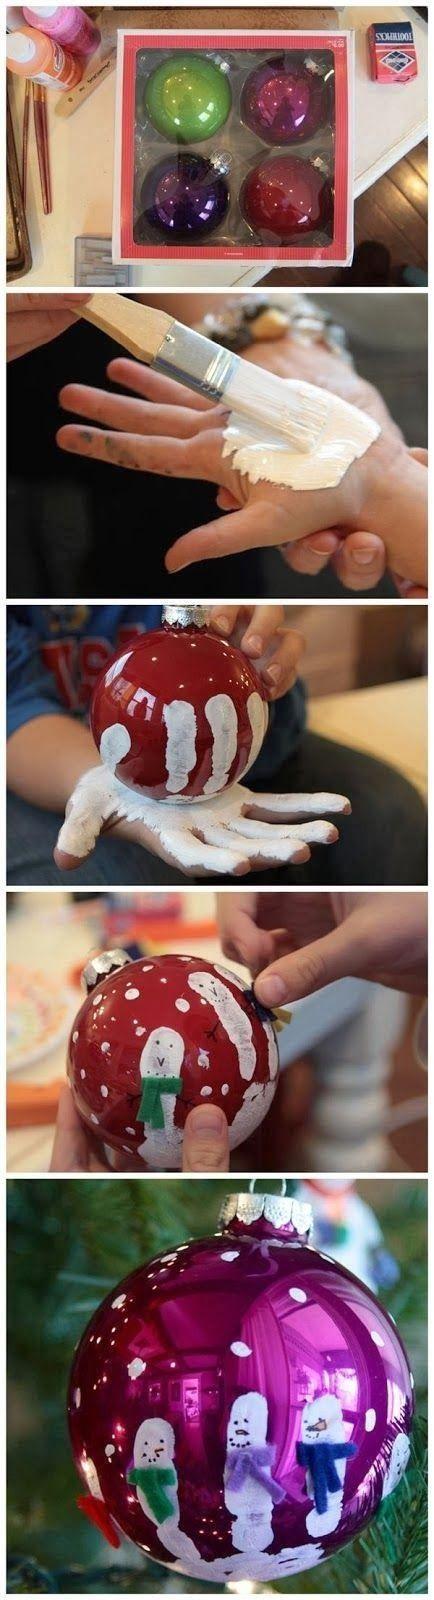 Onderwijs en zo voort ........: 1869. Kerstknutsels : Ballen met vingerverf